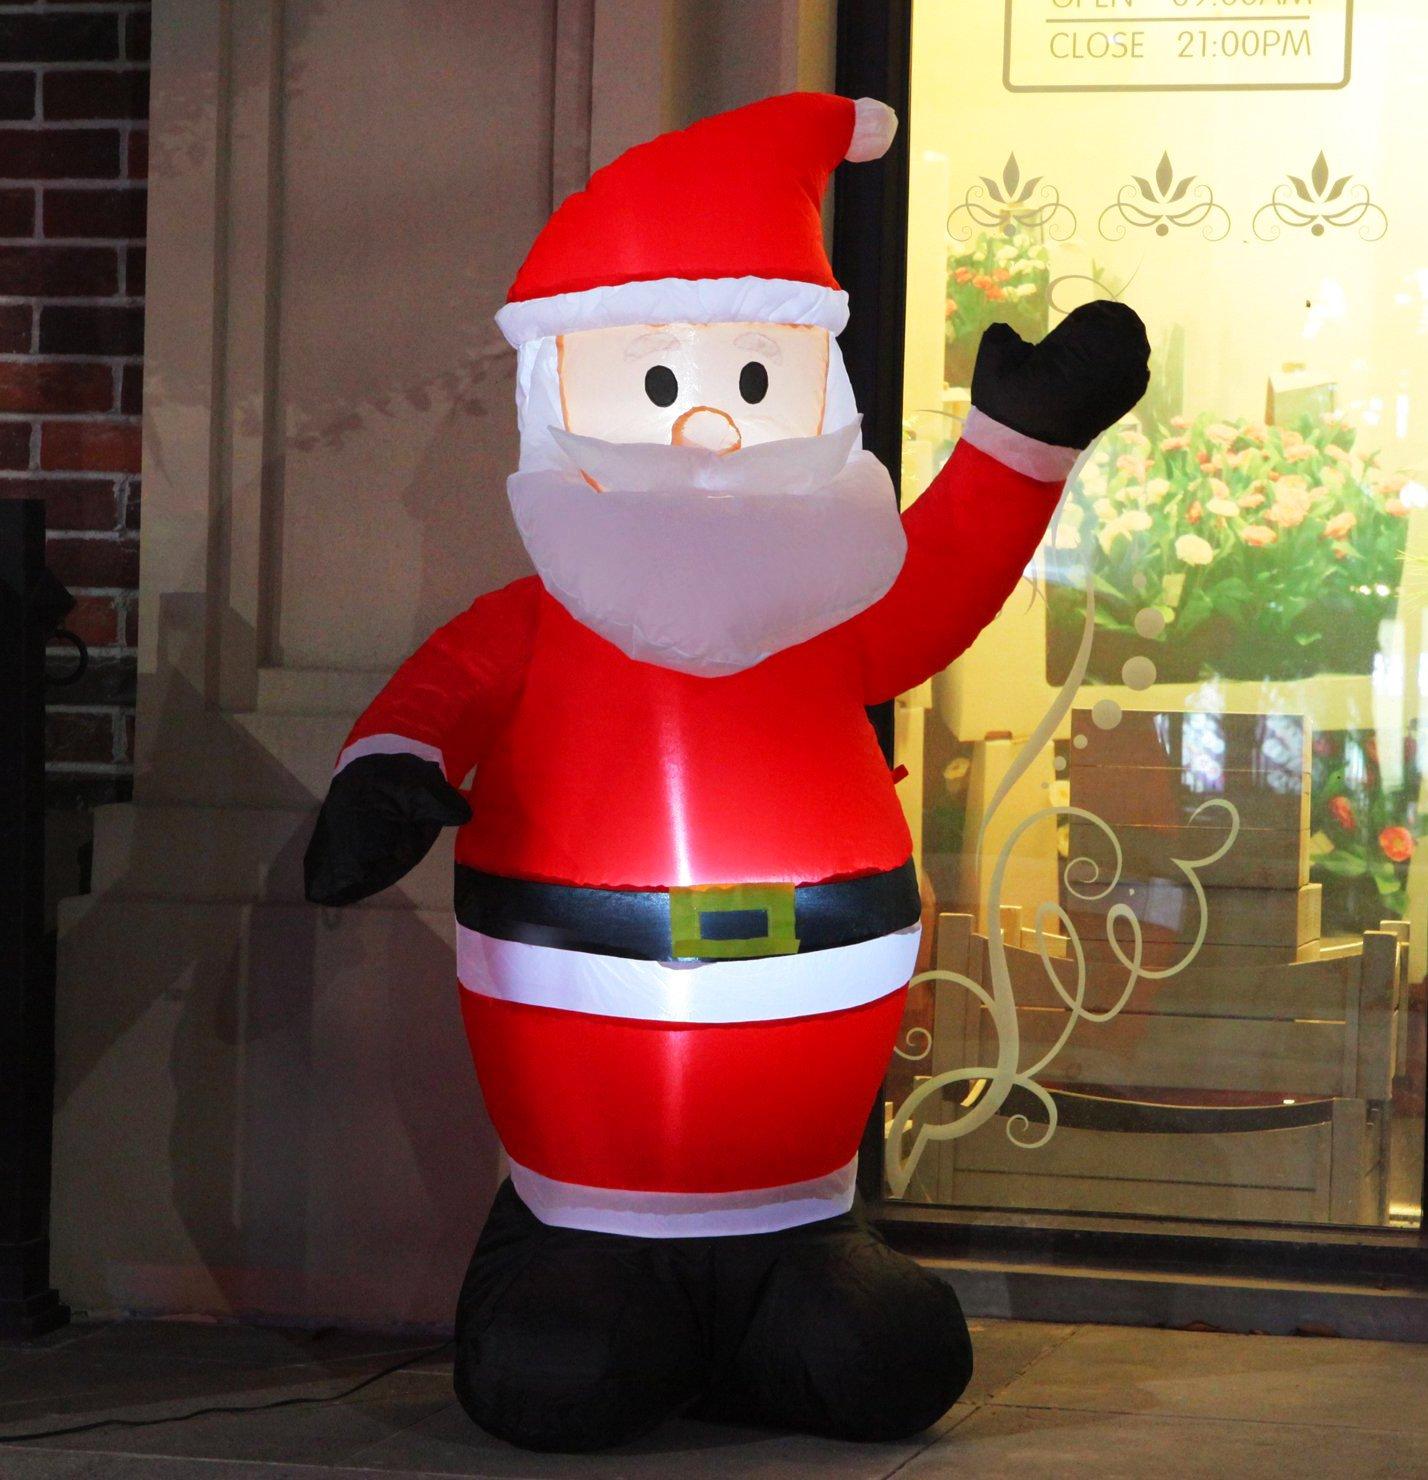 Amazoncom Fashionlite 4 Feet Christmas Xmas Inflatable Santa Claus Lighted